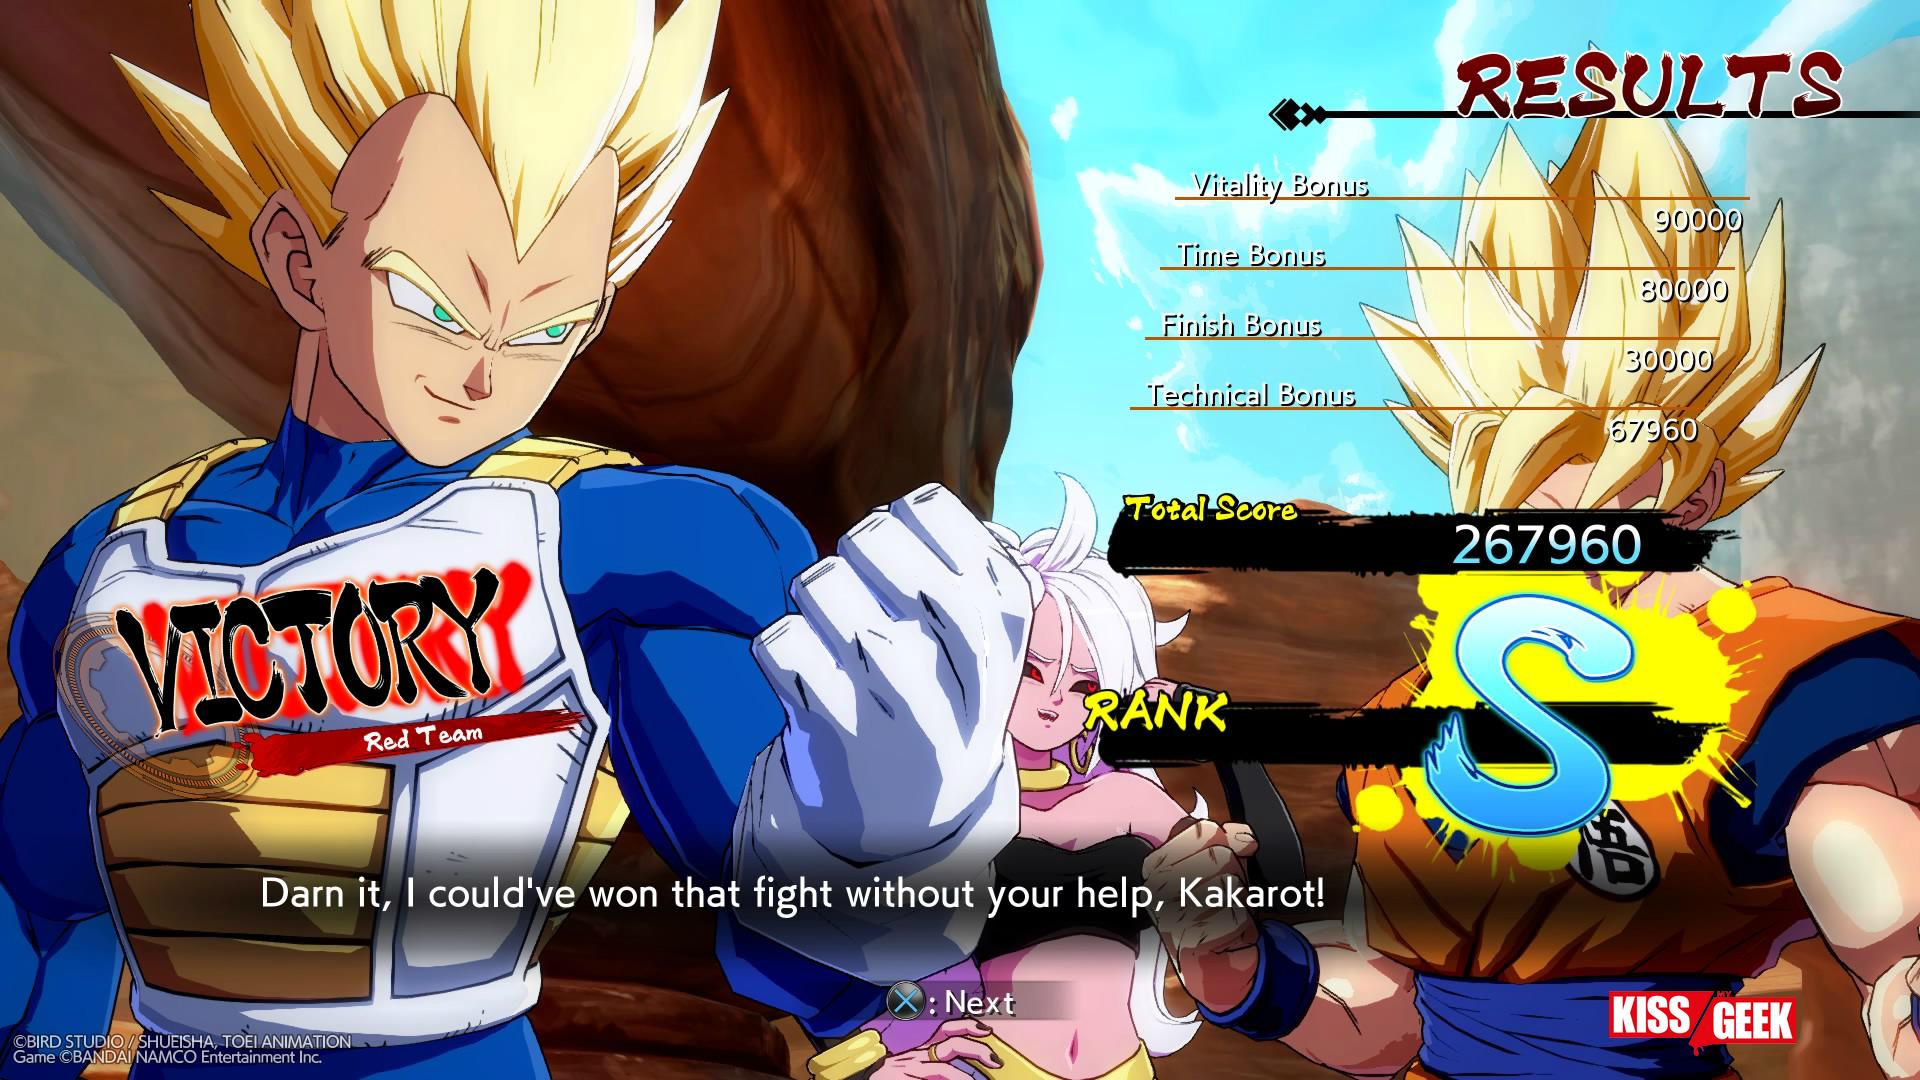 Bon ben c'est pas encore aujourd'hiu que Vegeta va arrêter de chercher Son Goku !